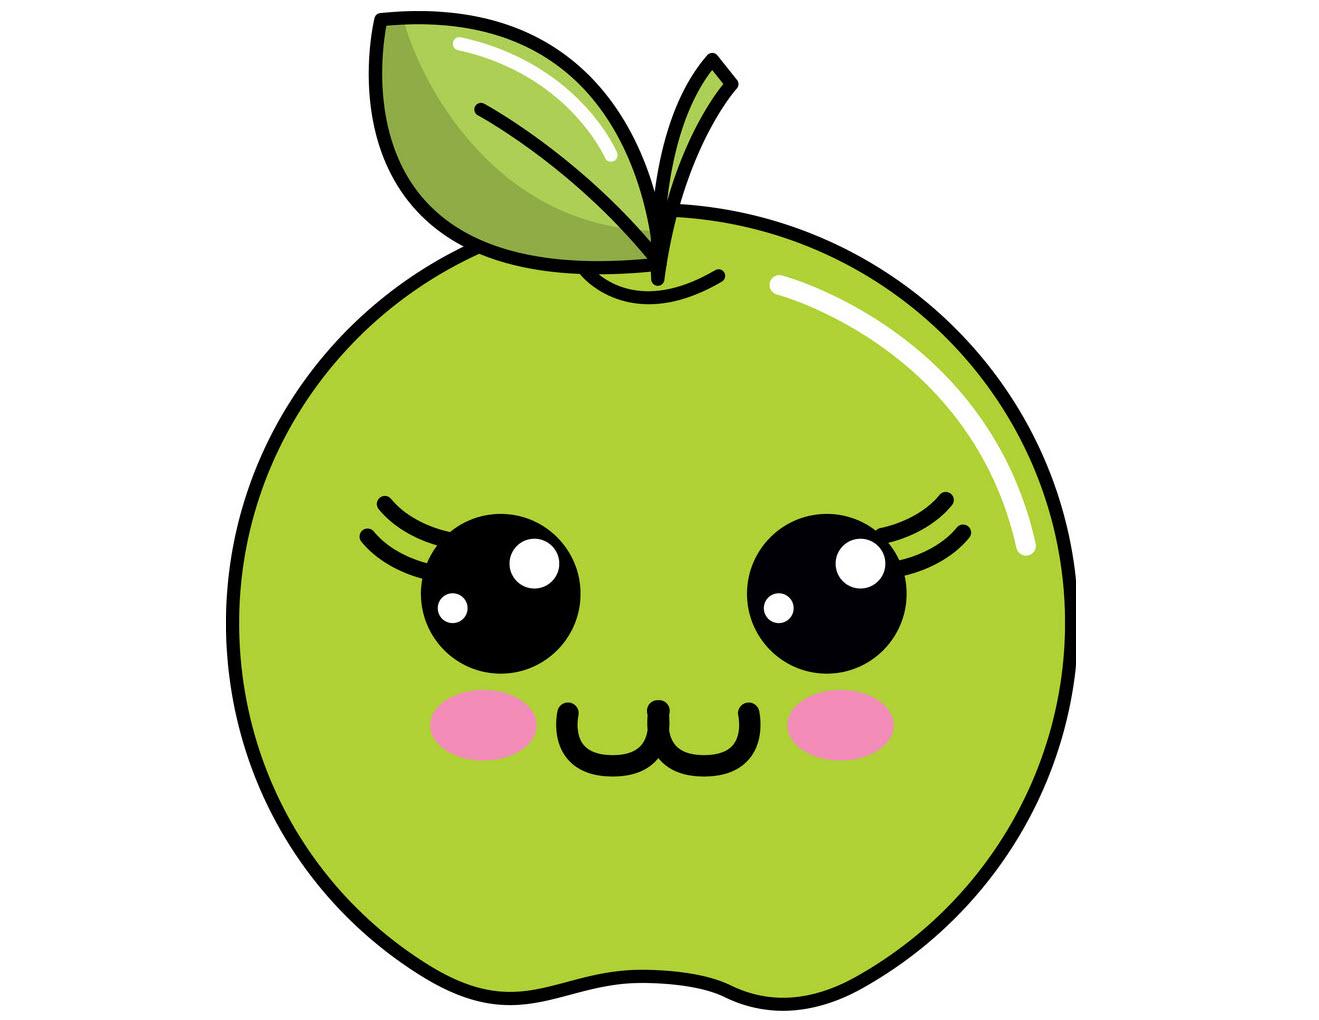 Hình ảnh của quả táo dễ thương